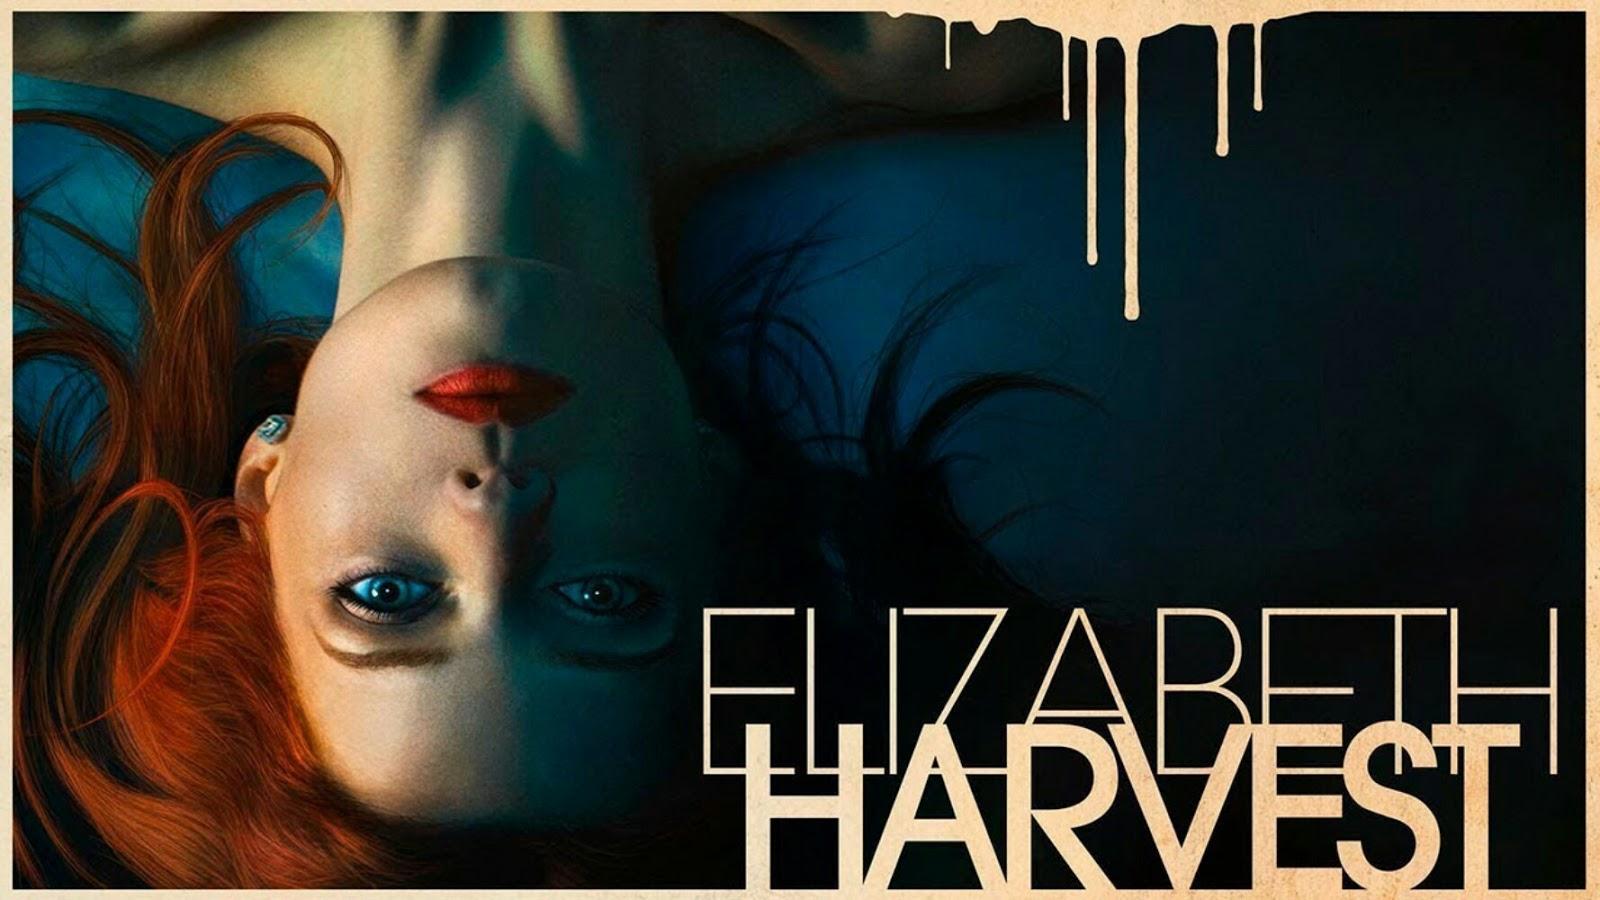 Movie Freaks: Review: Elizabeth Harvest